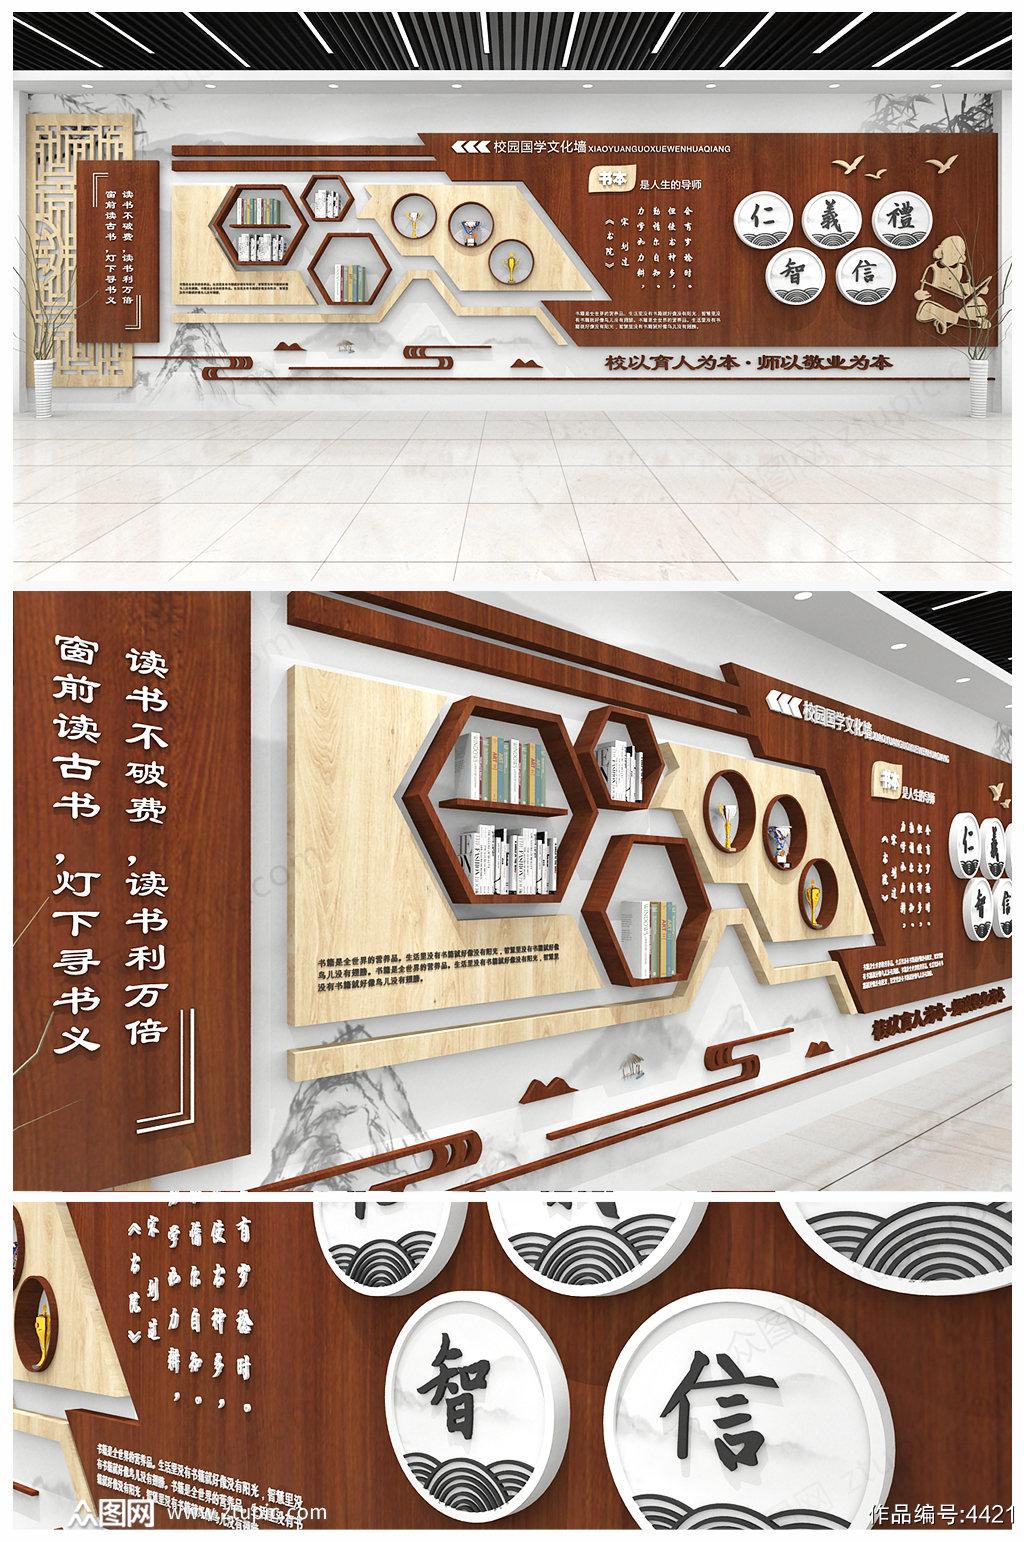 德育仁义礼智信形象墙社区文化校园文化墙设计素材